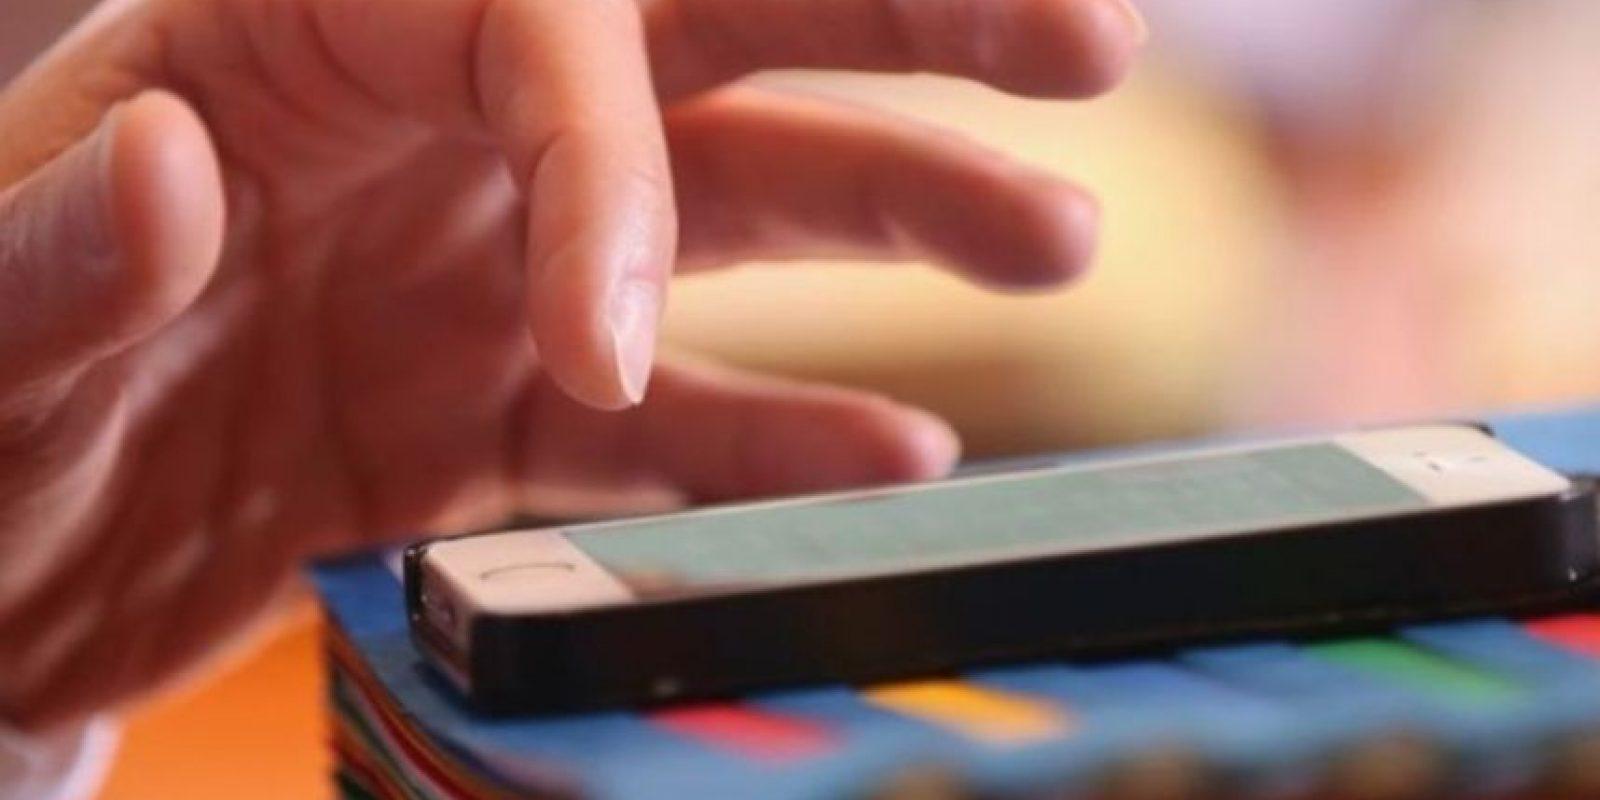 En enero de 2014, la Comisión Federal de Comercio determinó que Apple debía regresar 32.5 millones de dólares a padres de hijos que compraron apps sin su consentimiento. Foto:Getty Images